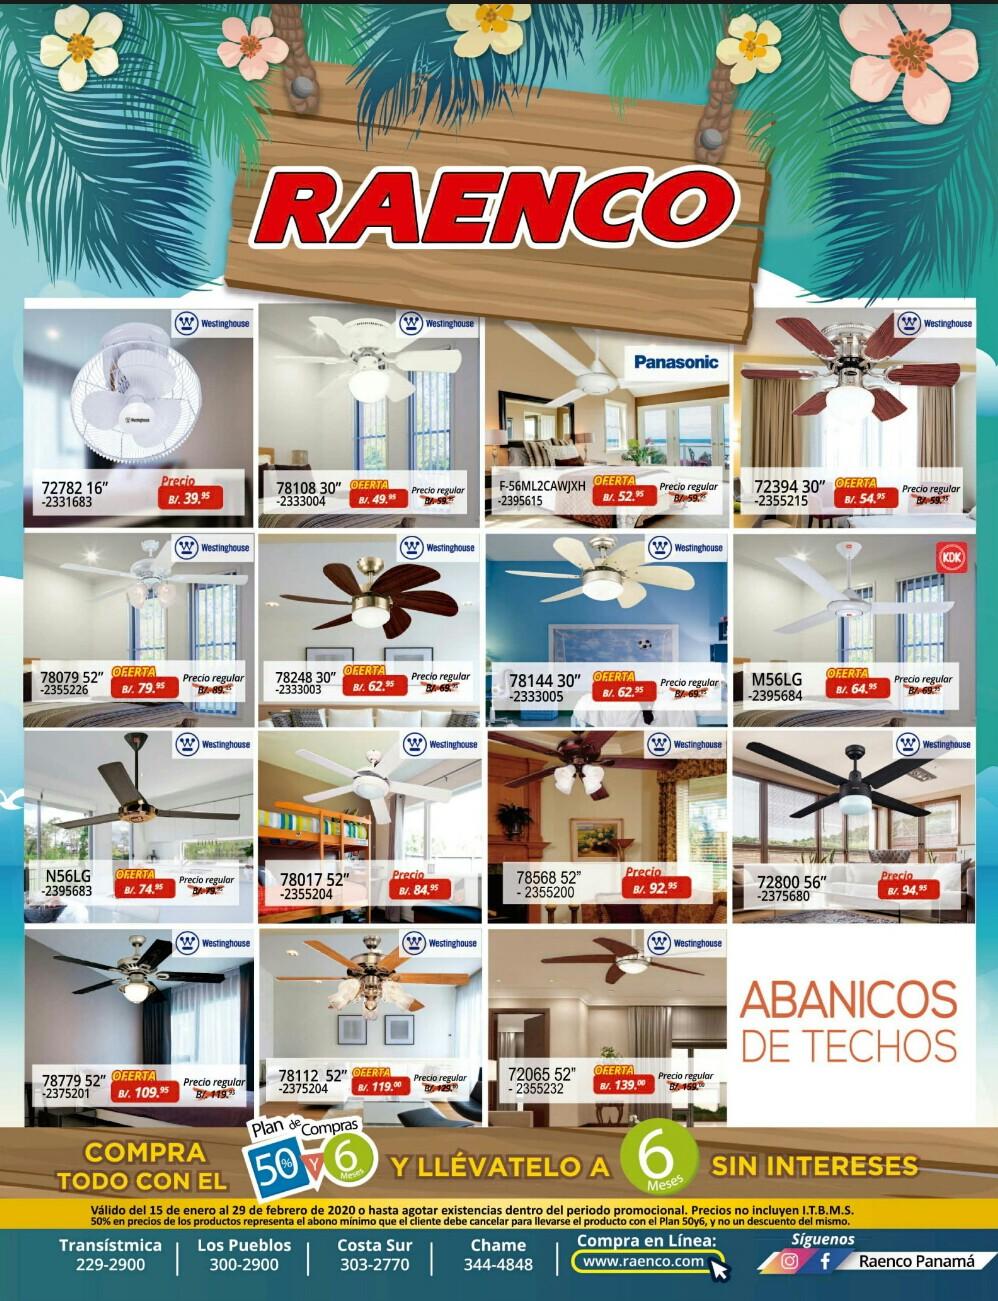 Catalogo Raenco Verano 2020 p5